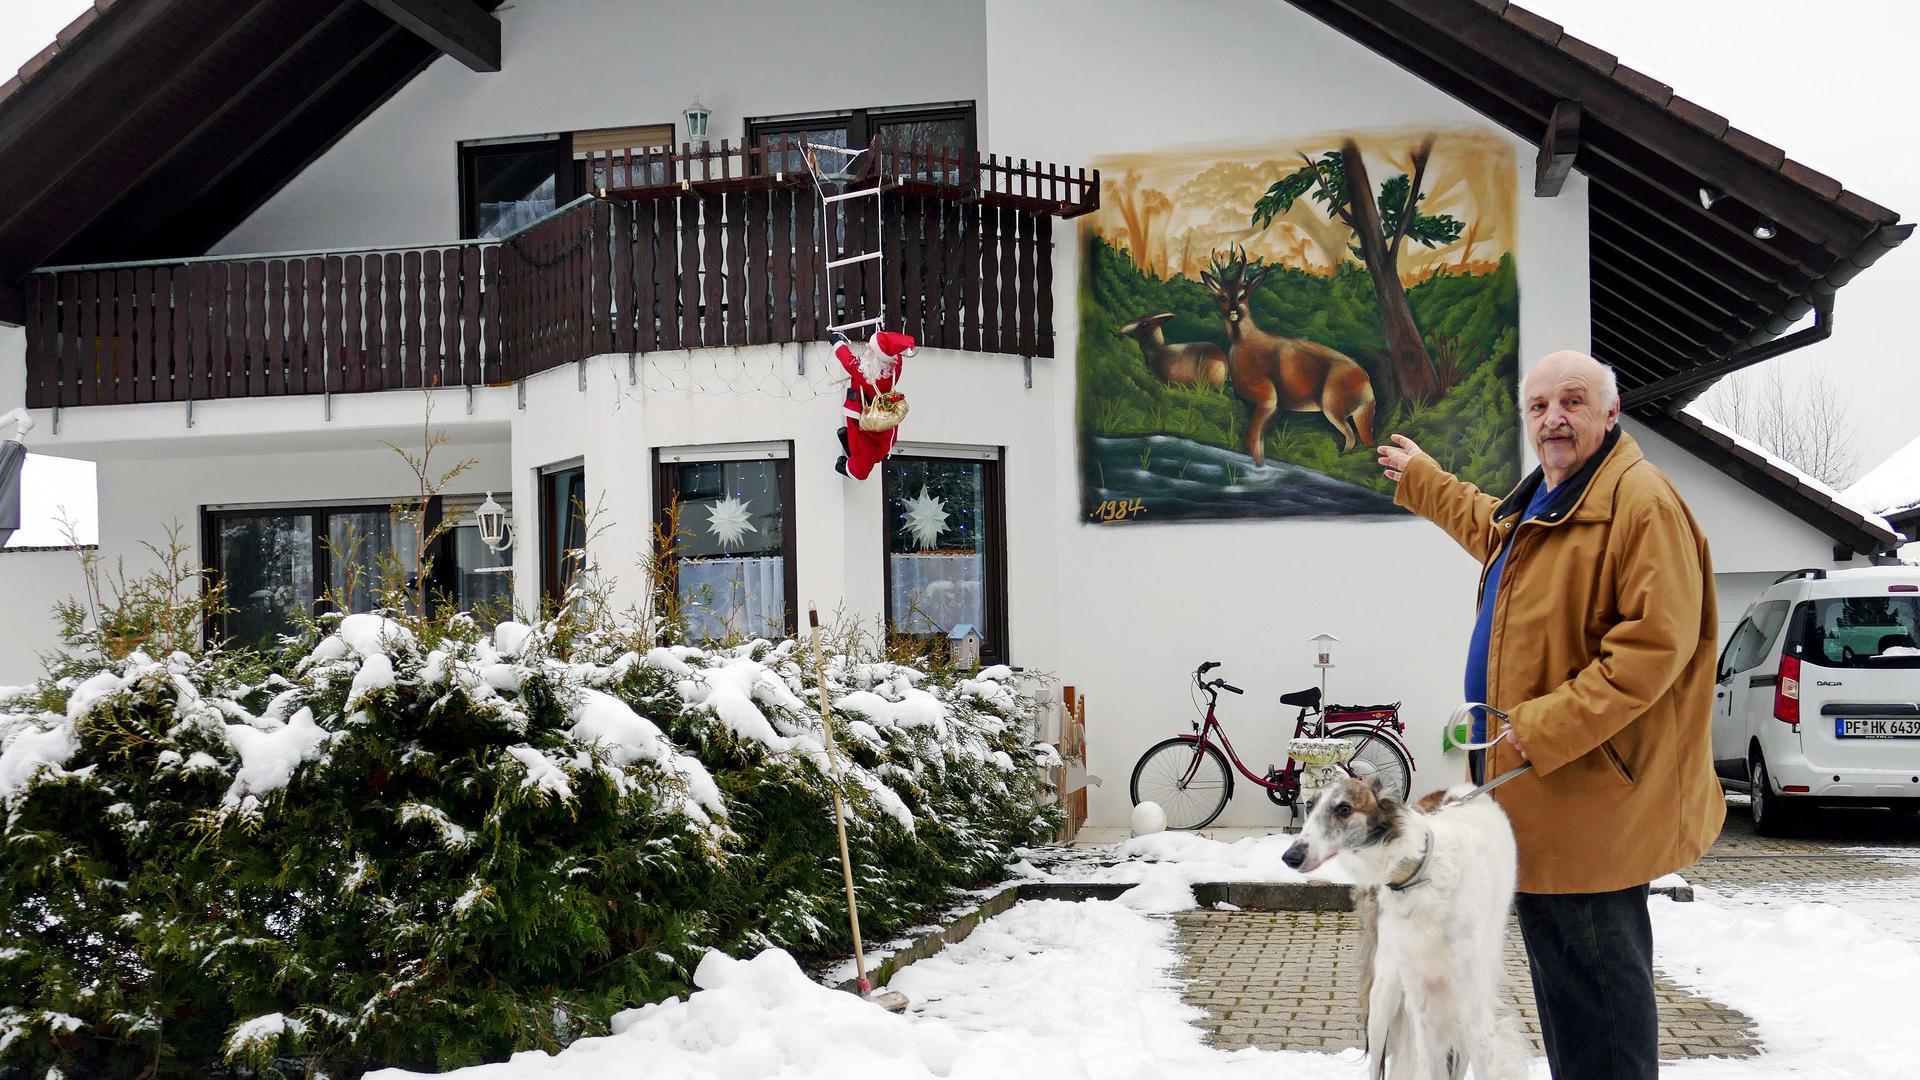 Da oben ist die Ferienwohnung, die der Dennacher Heinz Keller eine Woche kostenlos für Intensivpflegepersonal zur Verfügung stellen will.